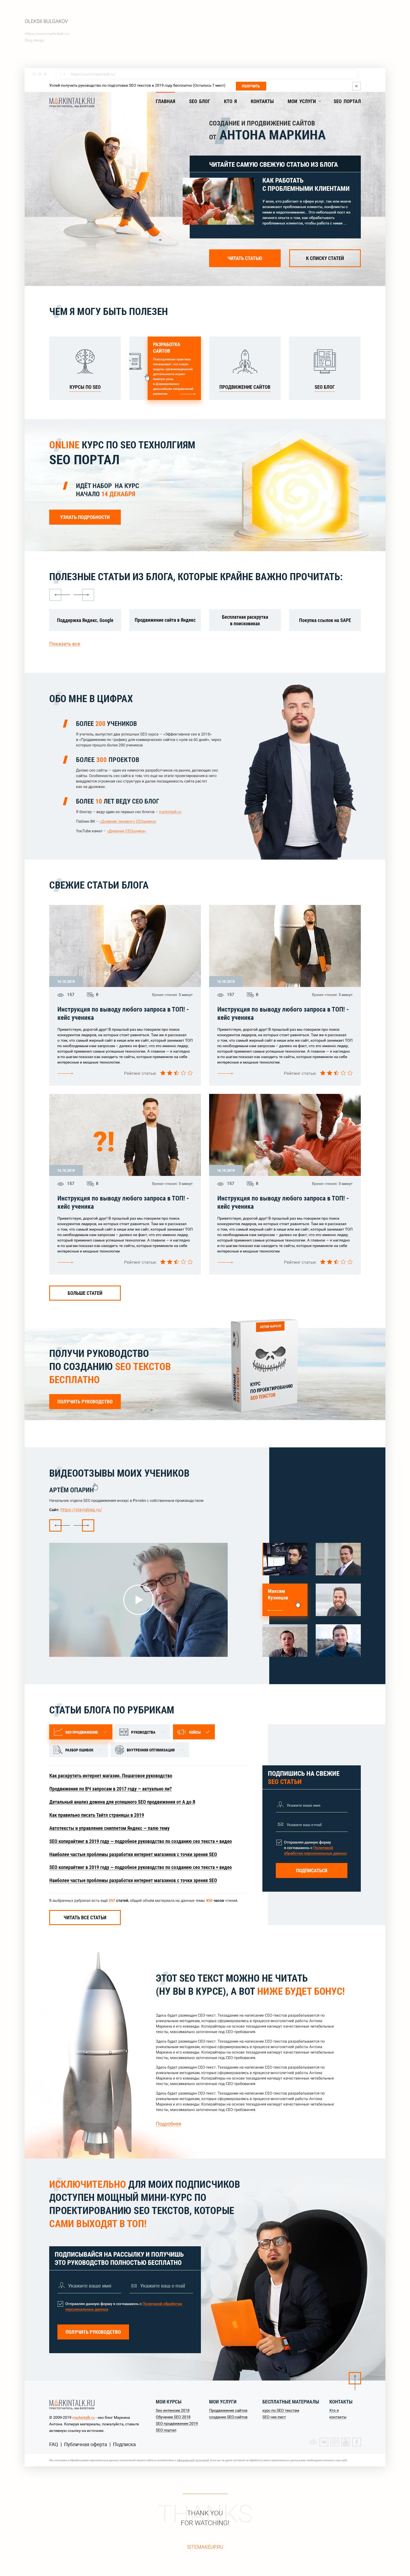 Адаптивный дизайн блога SEO специалиста и тренера Антона Маркина